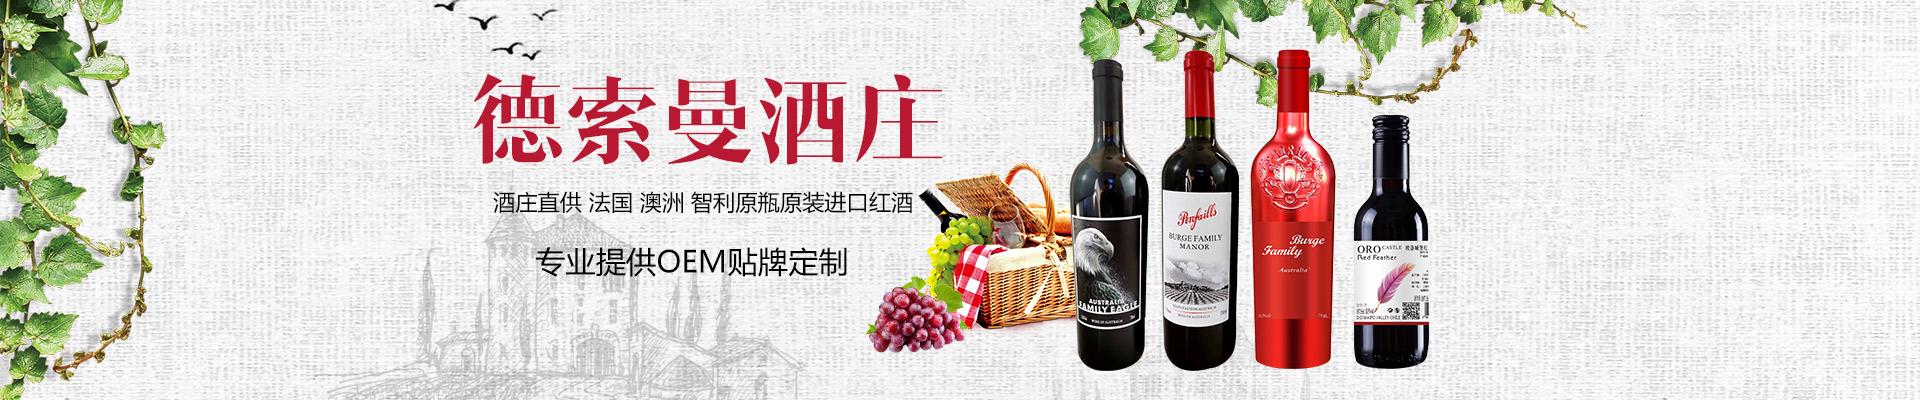 上海贵爵国际贸易有限公司